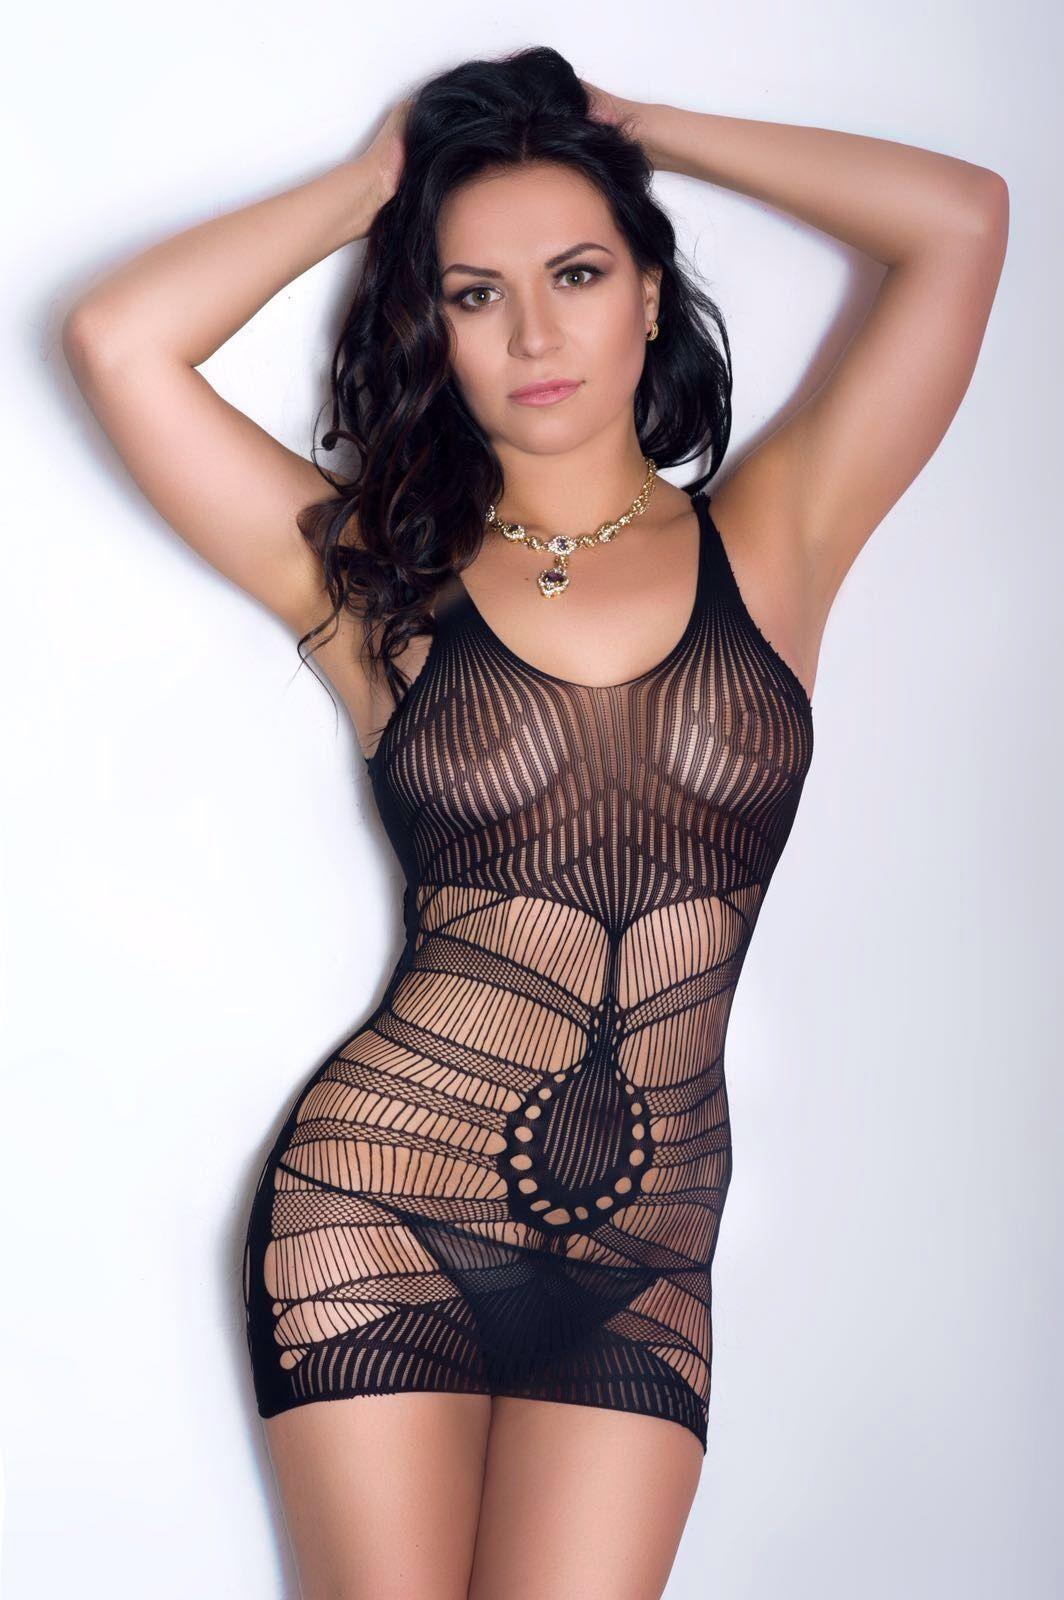 Premium latino pussy tgp